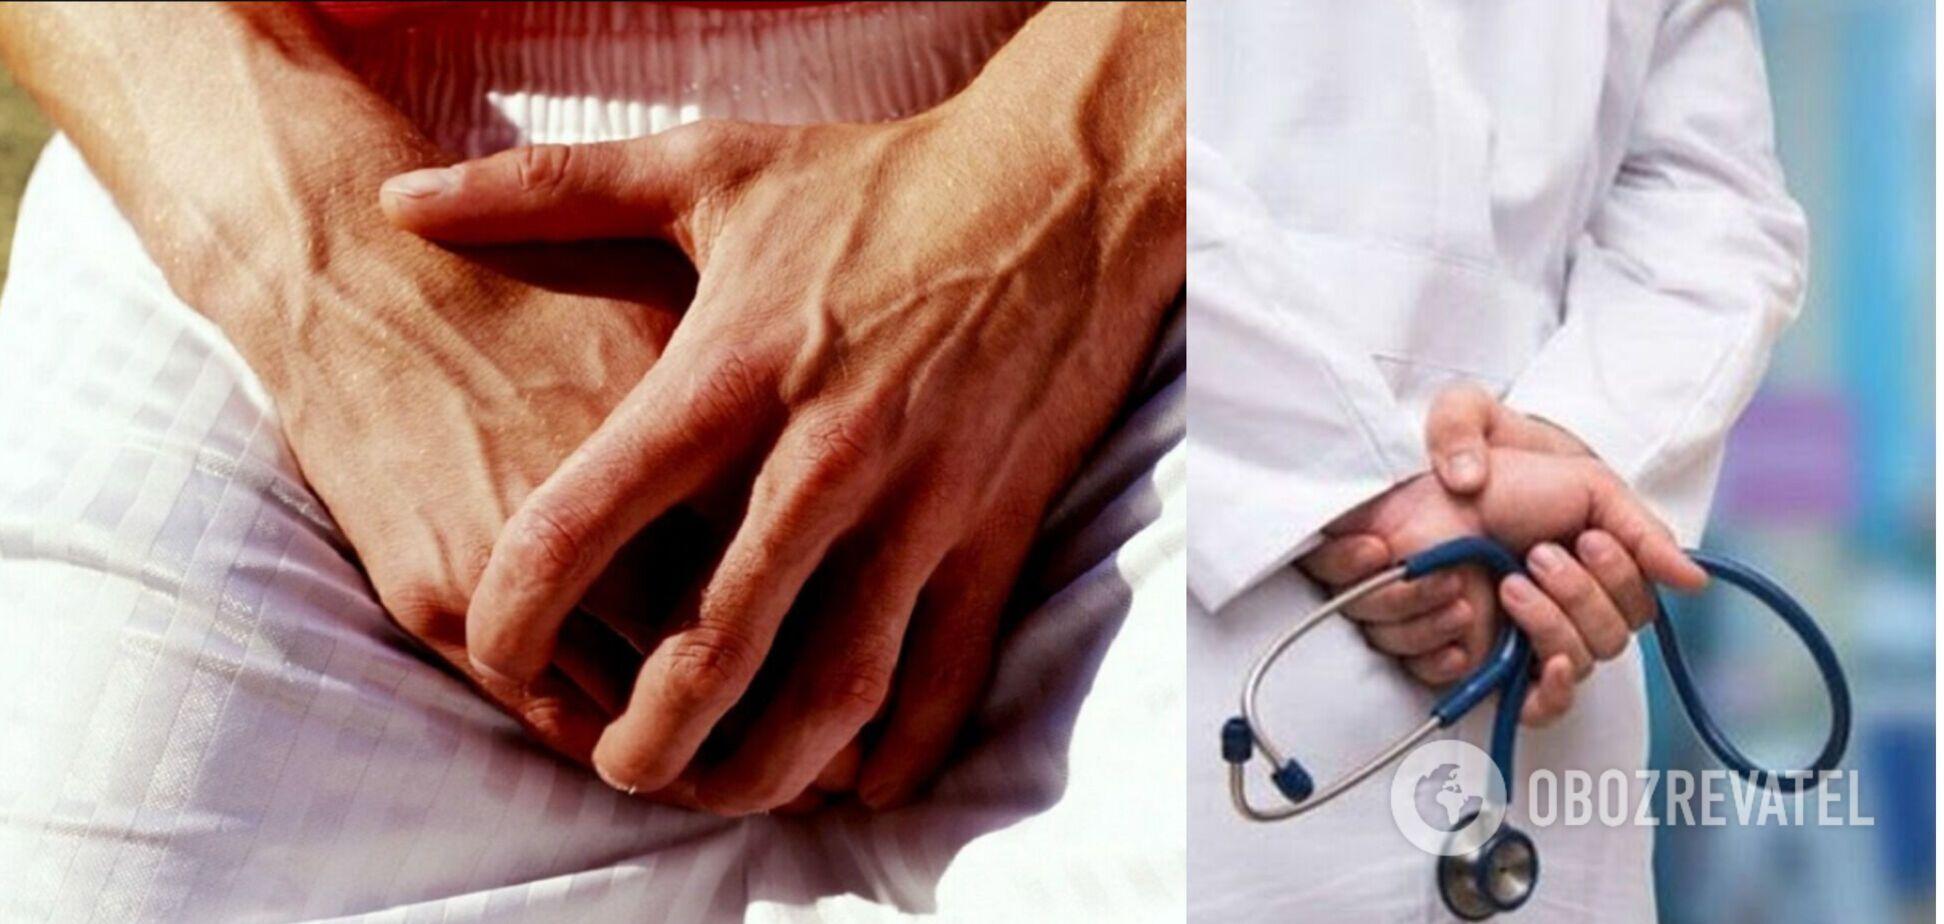 У британця зафіксували перший у світі вертикальний перелом статевого органа: вчені пояснили, як це сталося